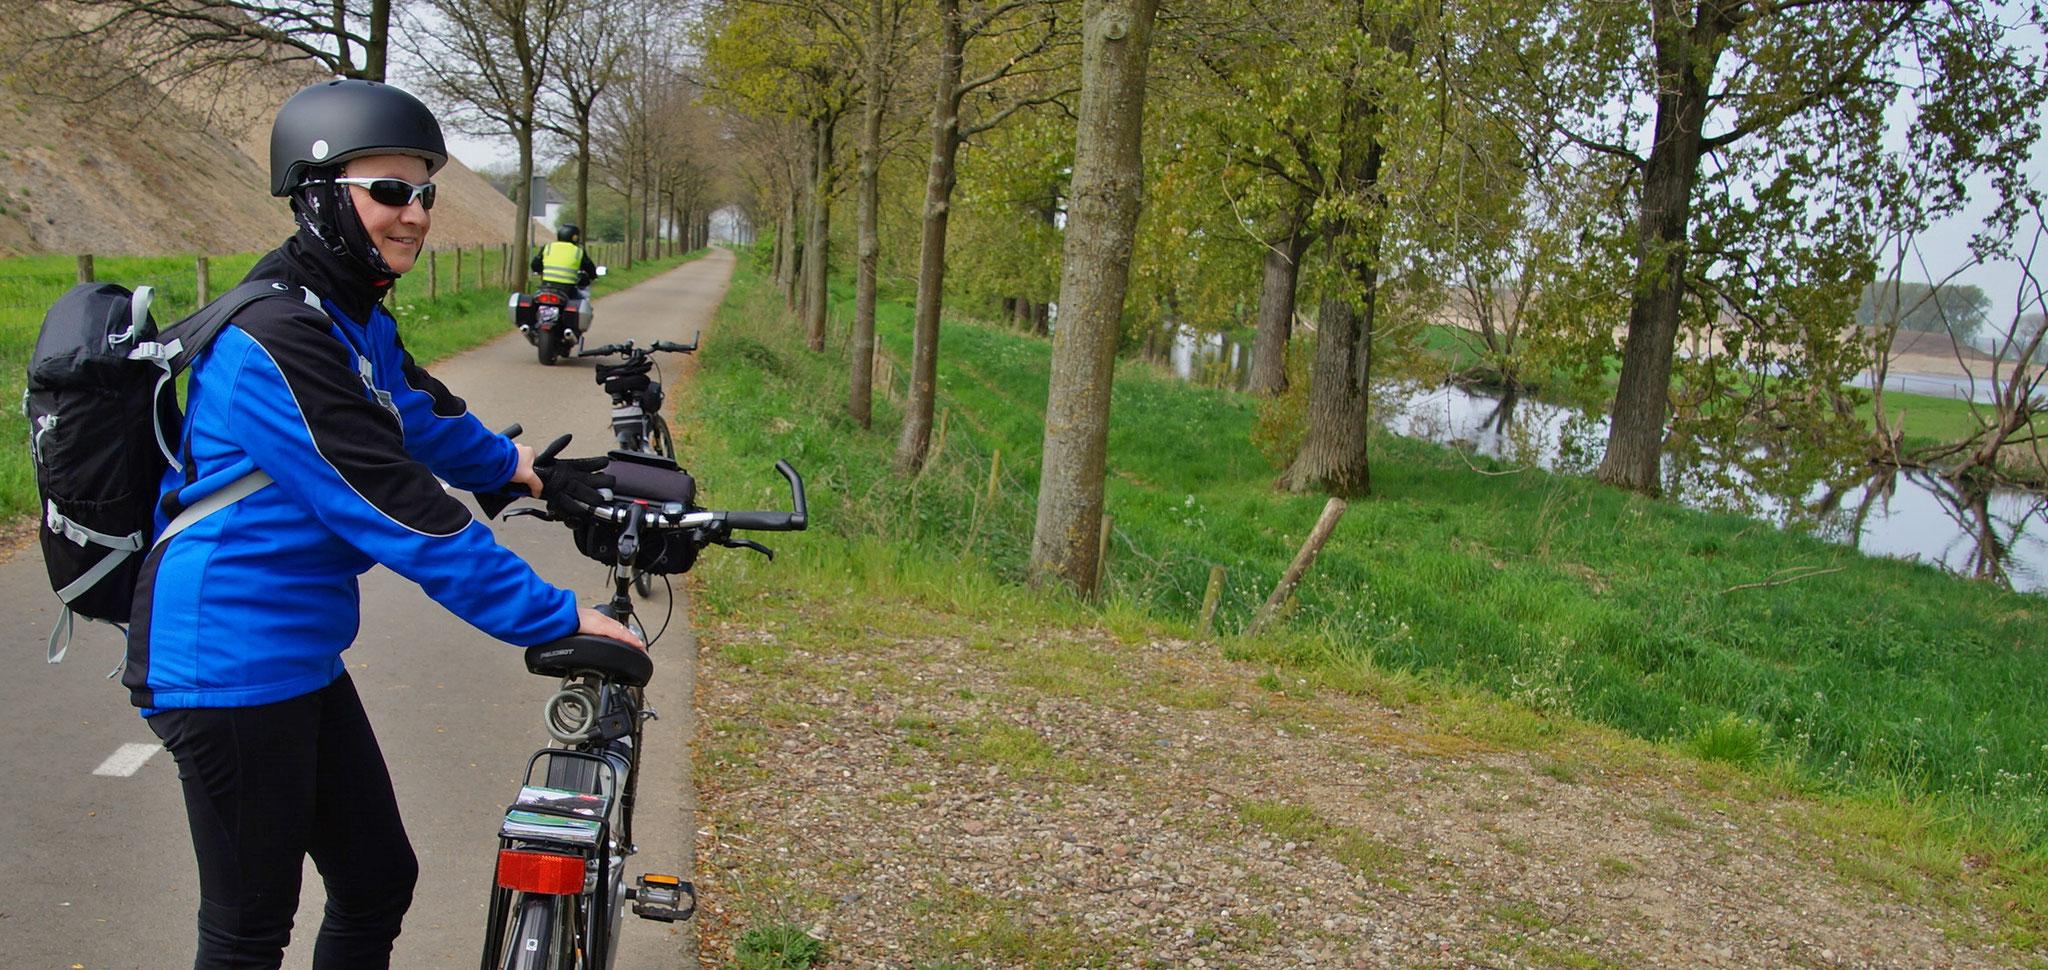 Hier hat sich ein Mopedfahrer verirrt